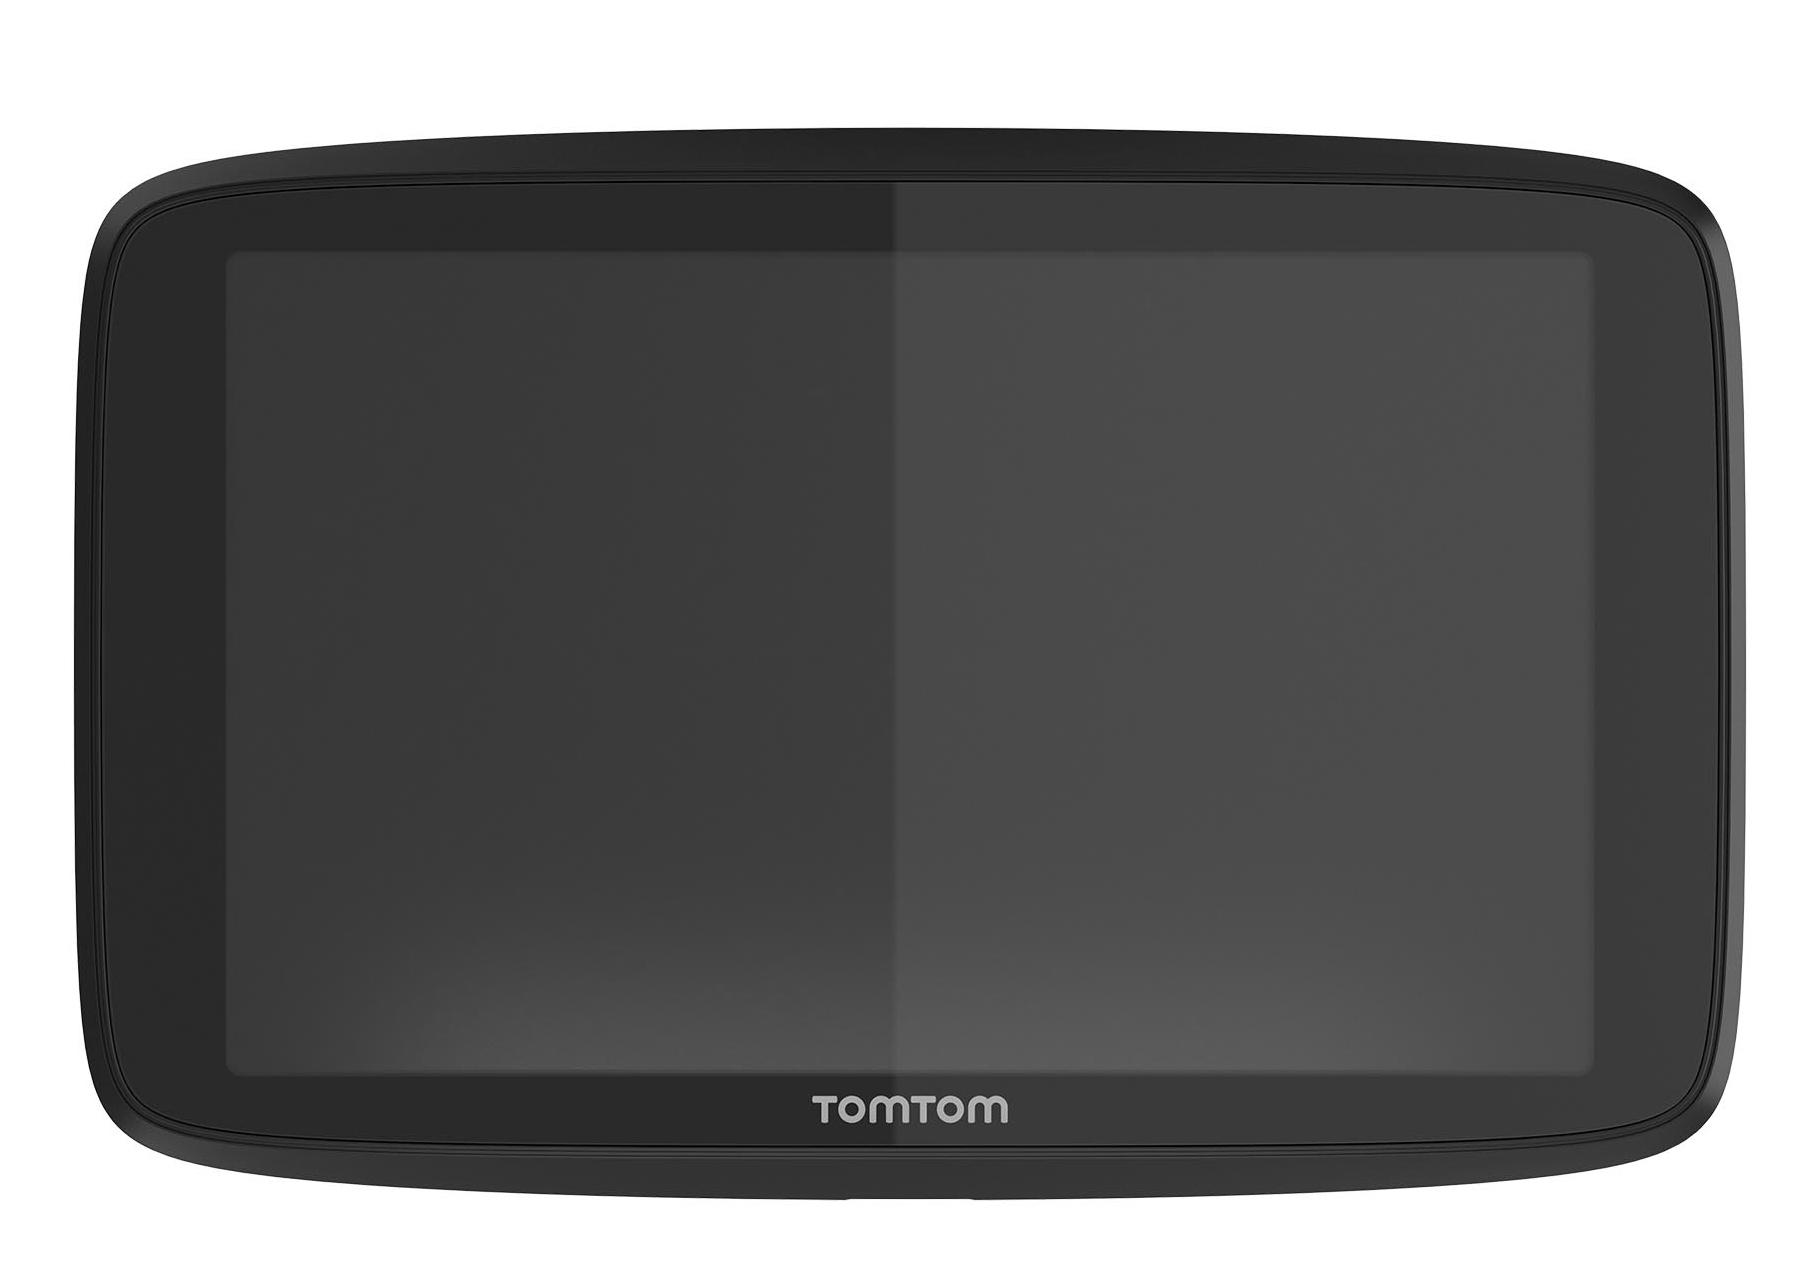 TomTom GO 620 navigator